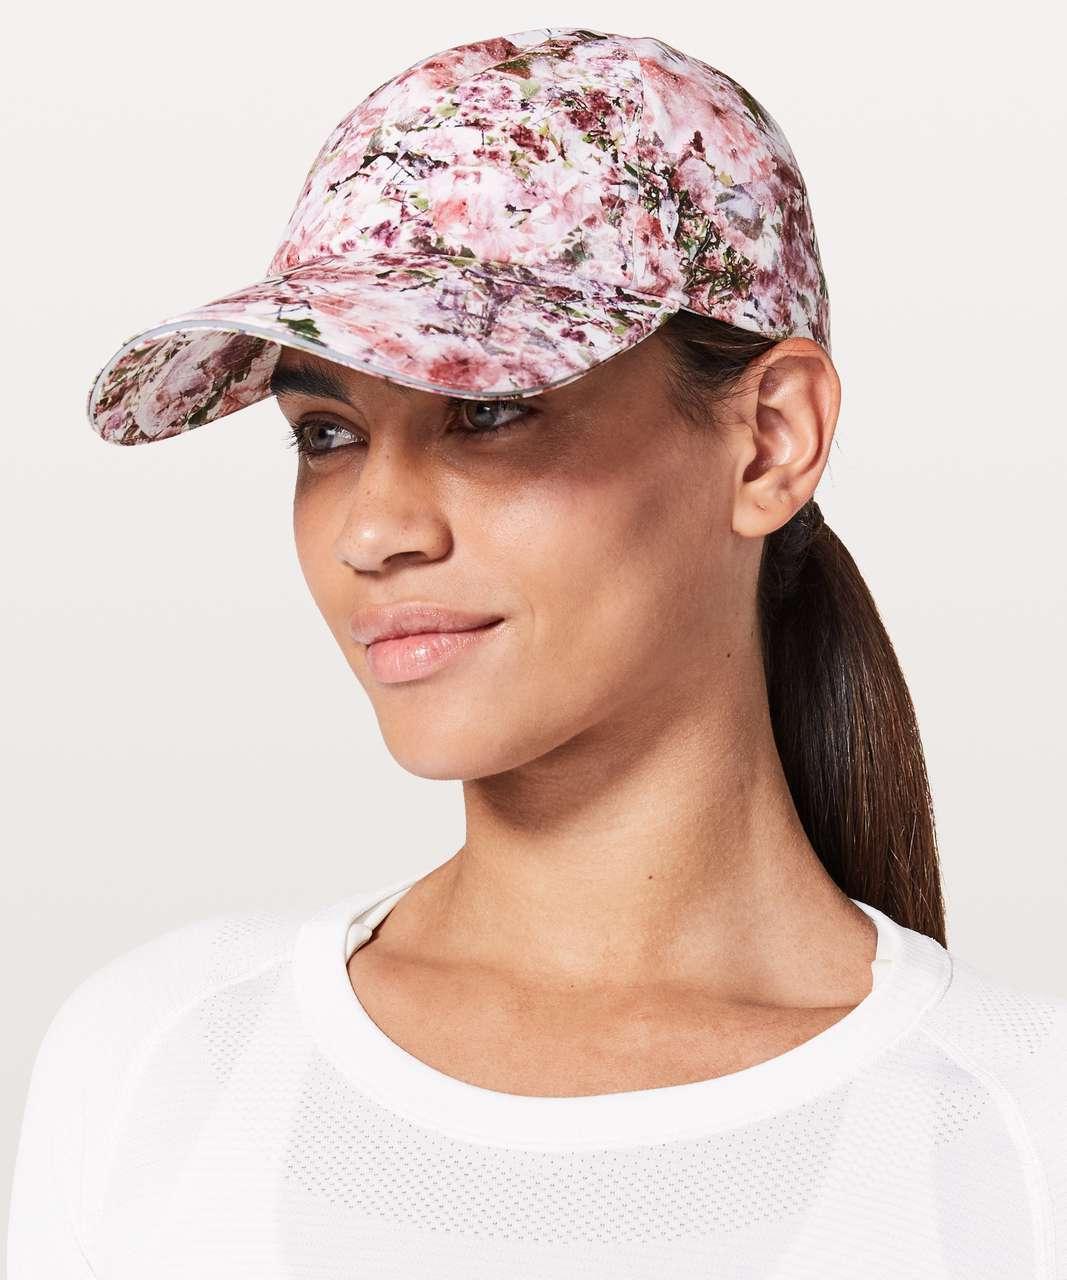 Lululemon Baller Hat Run - Blossom Spritz Multi